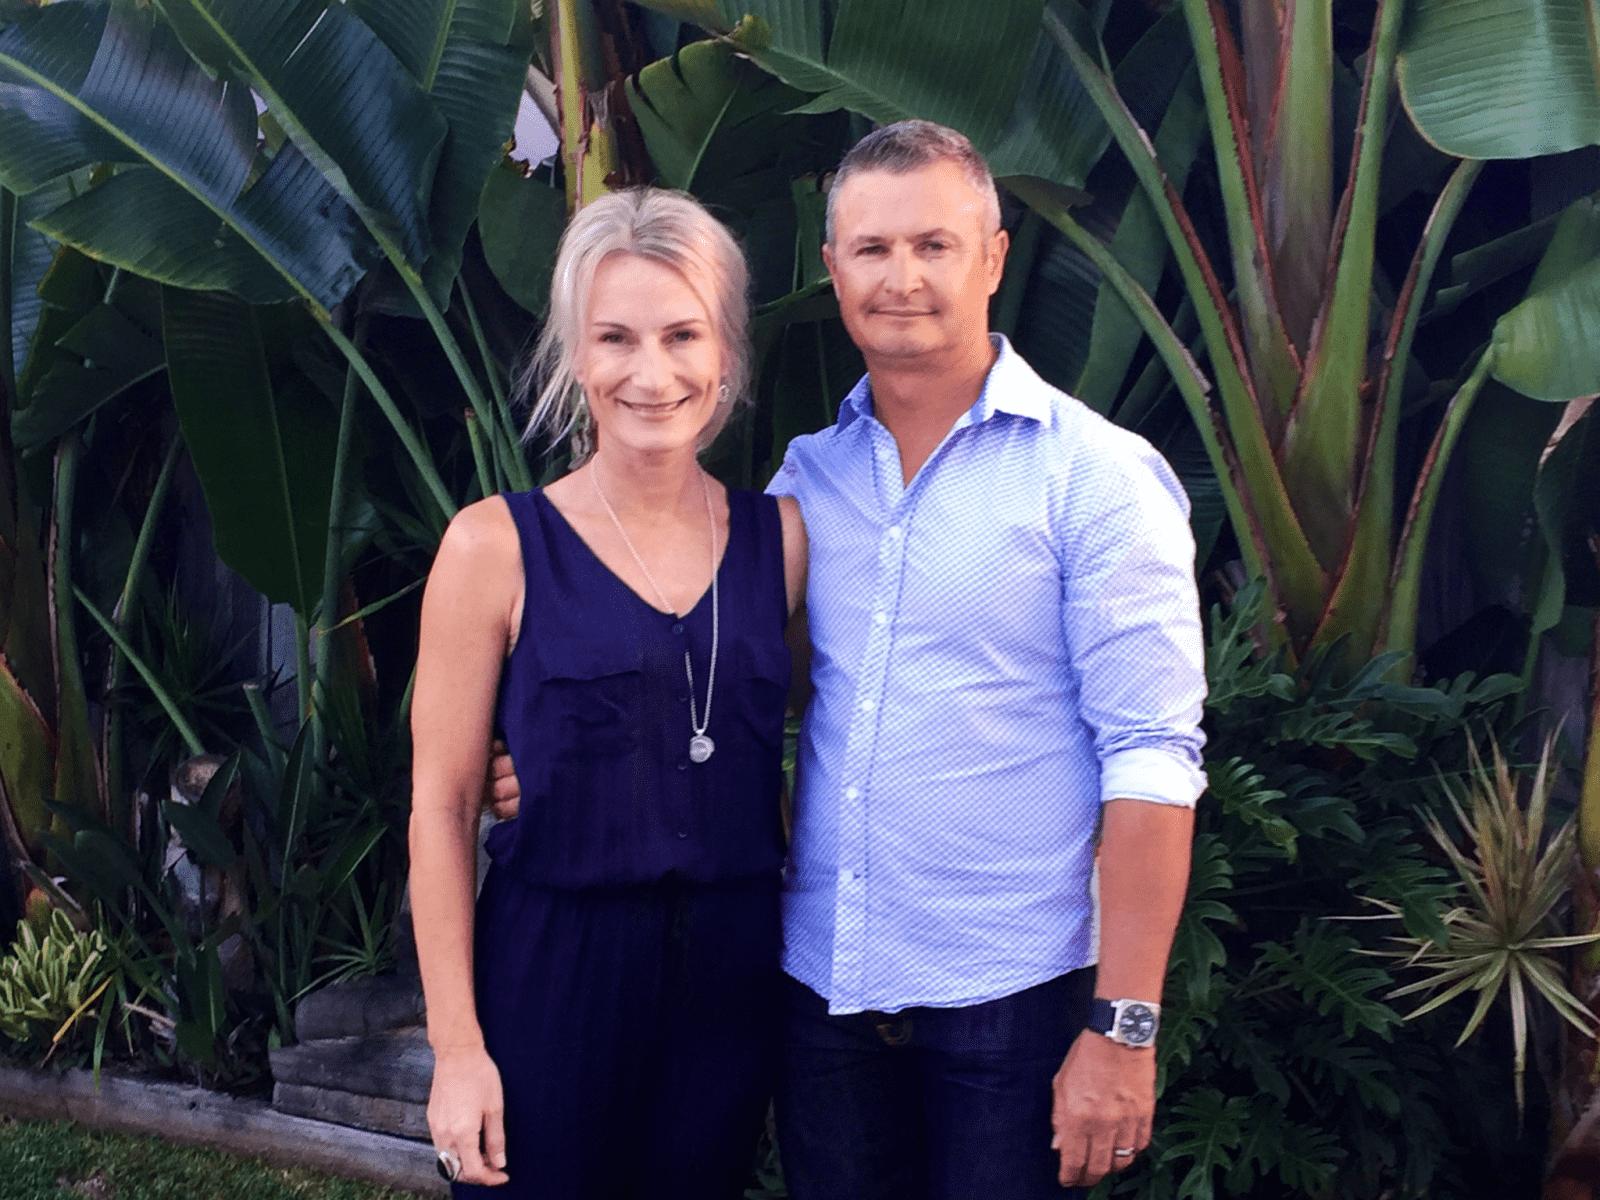 Rachel & Darren from Sunshine Coast, Queensland, Australia